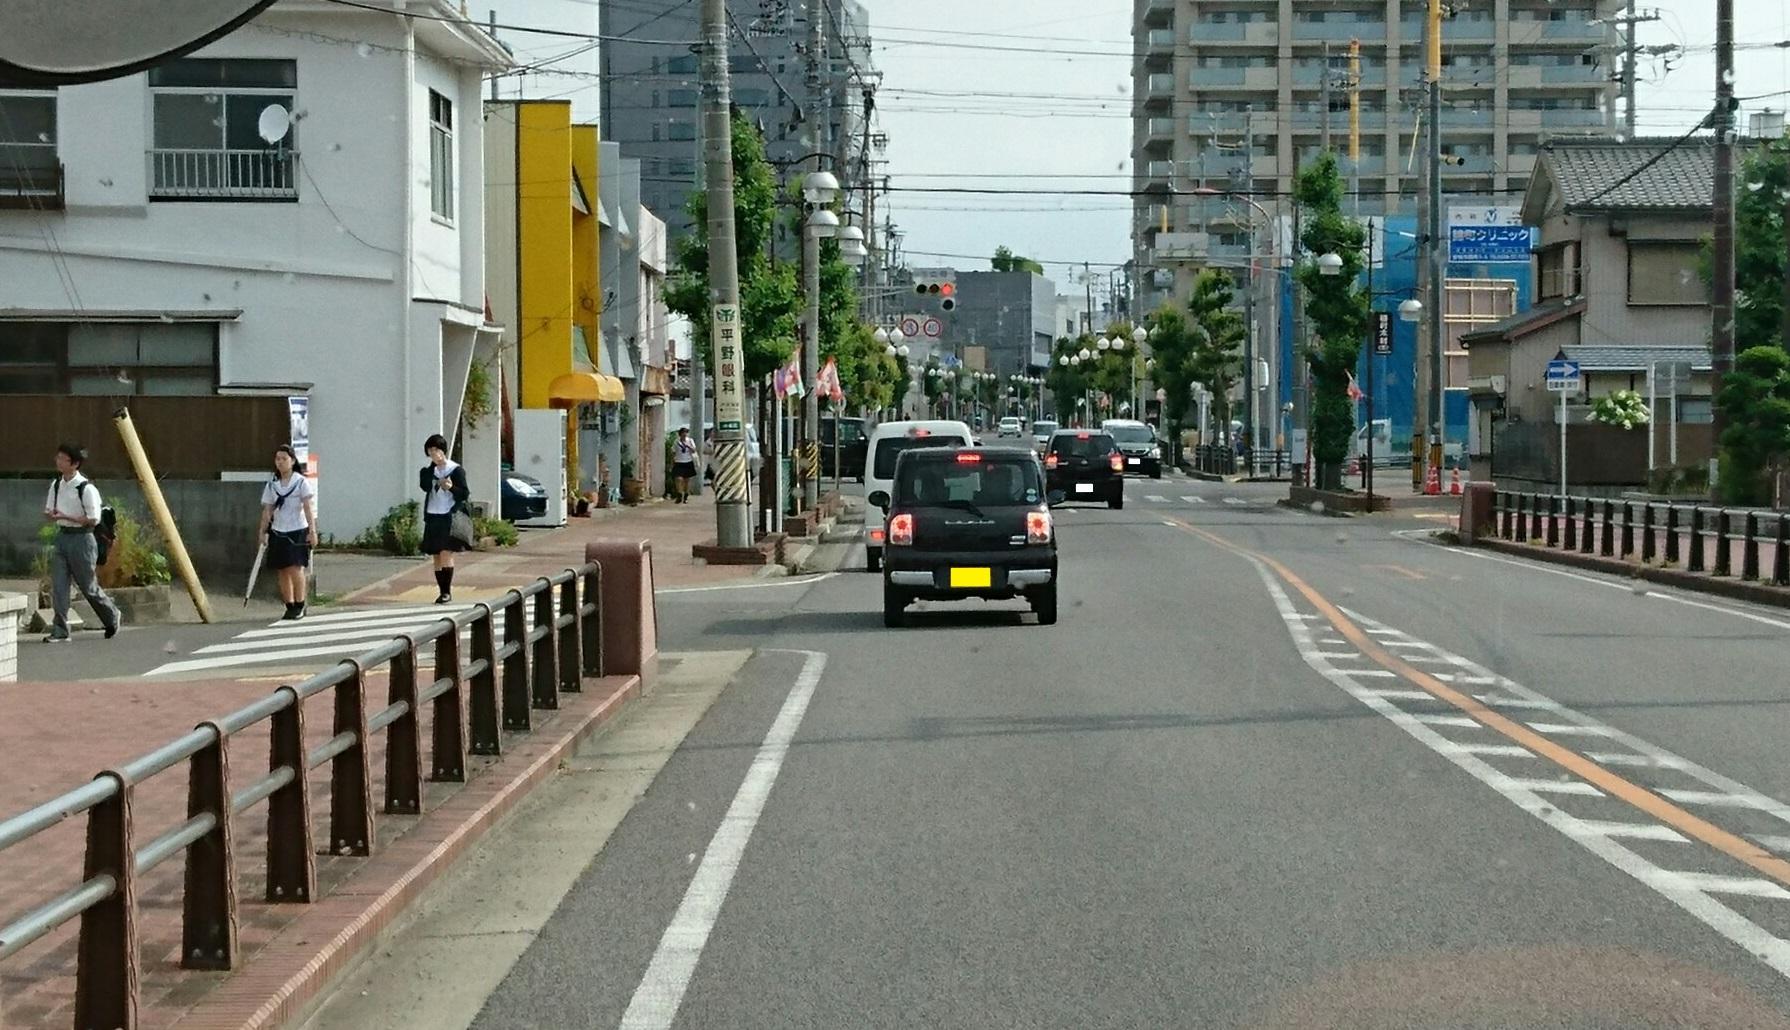 2017.6.1 (2) 名鉄バス - 末広町交差点てまえ 1790-1030